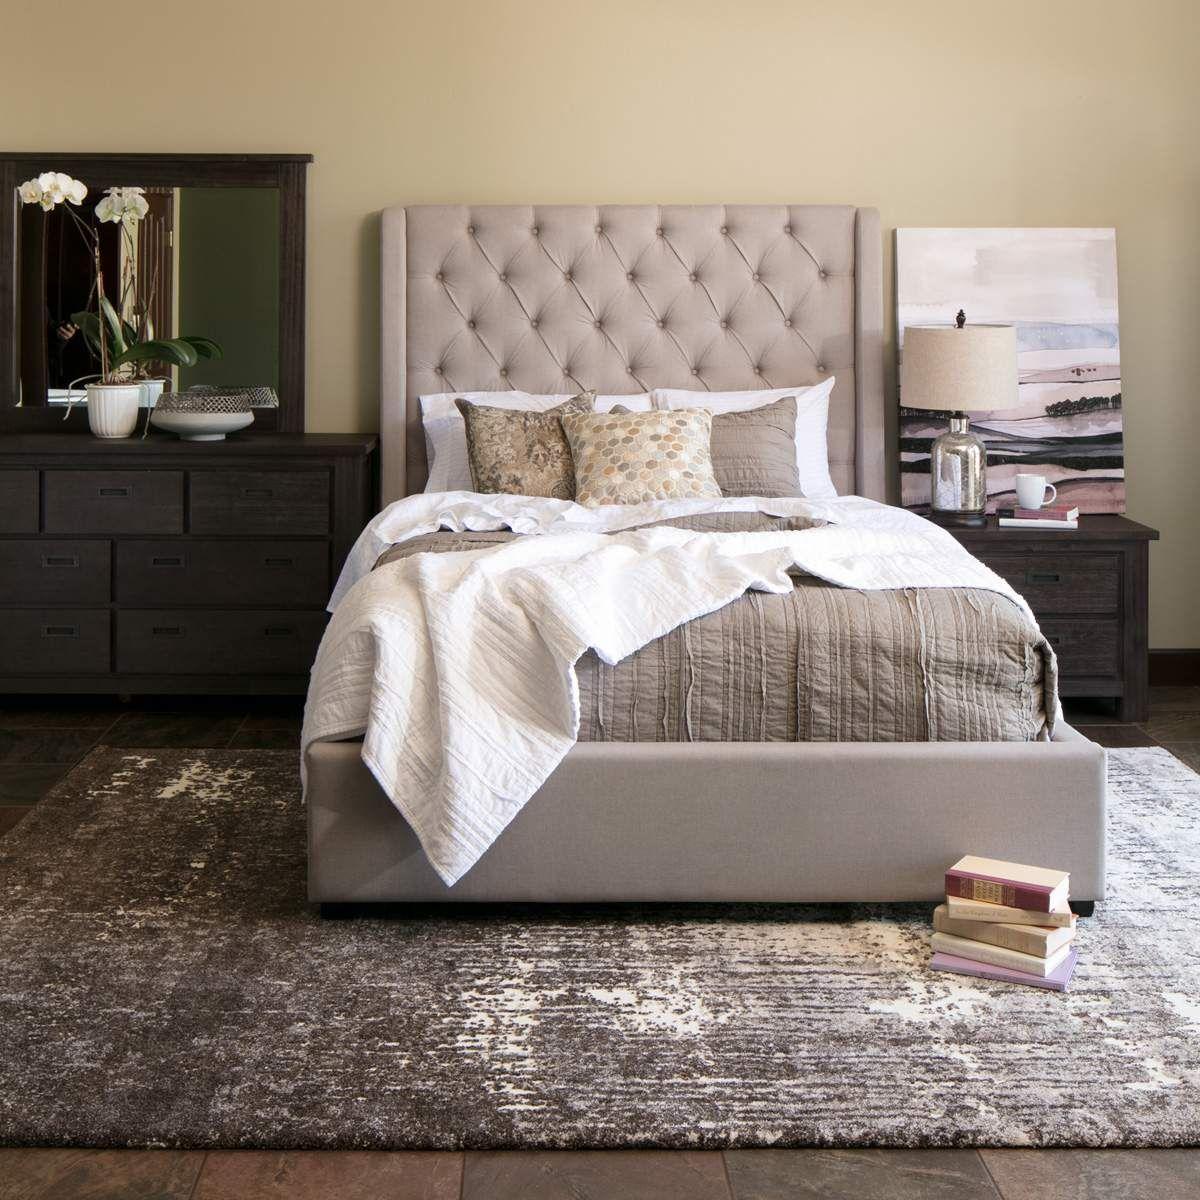 Parlee Bedroom sets, Bed furniture set, Farmhouse